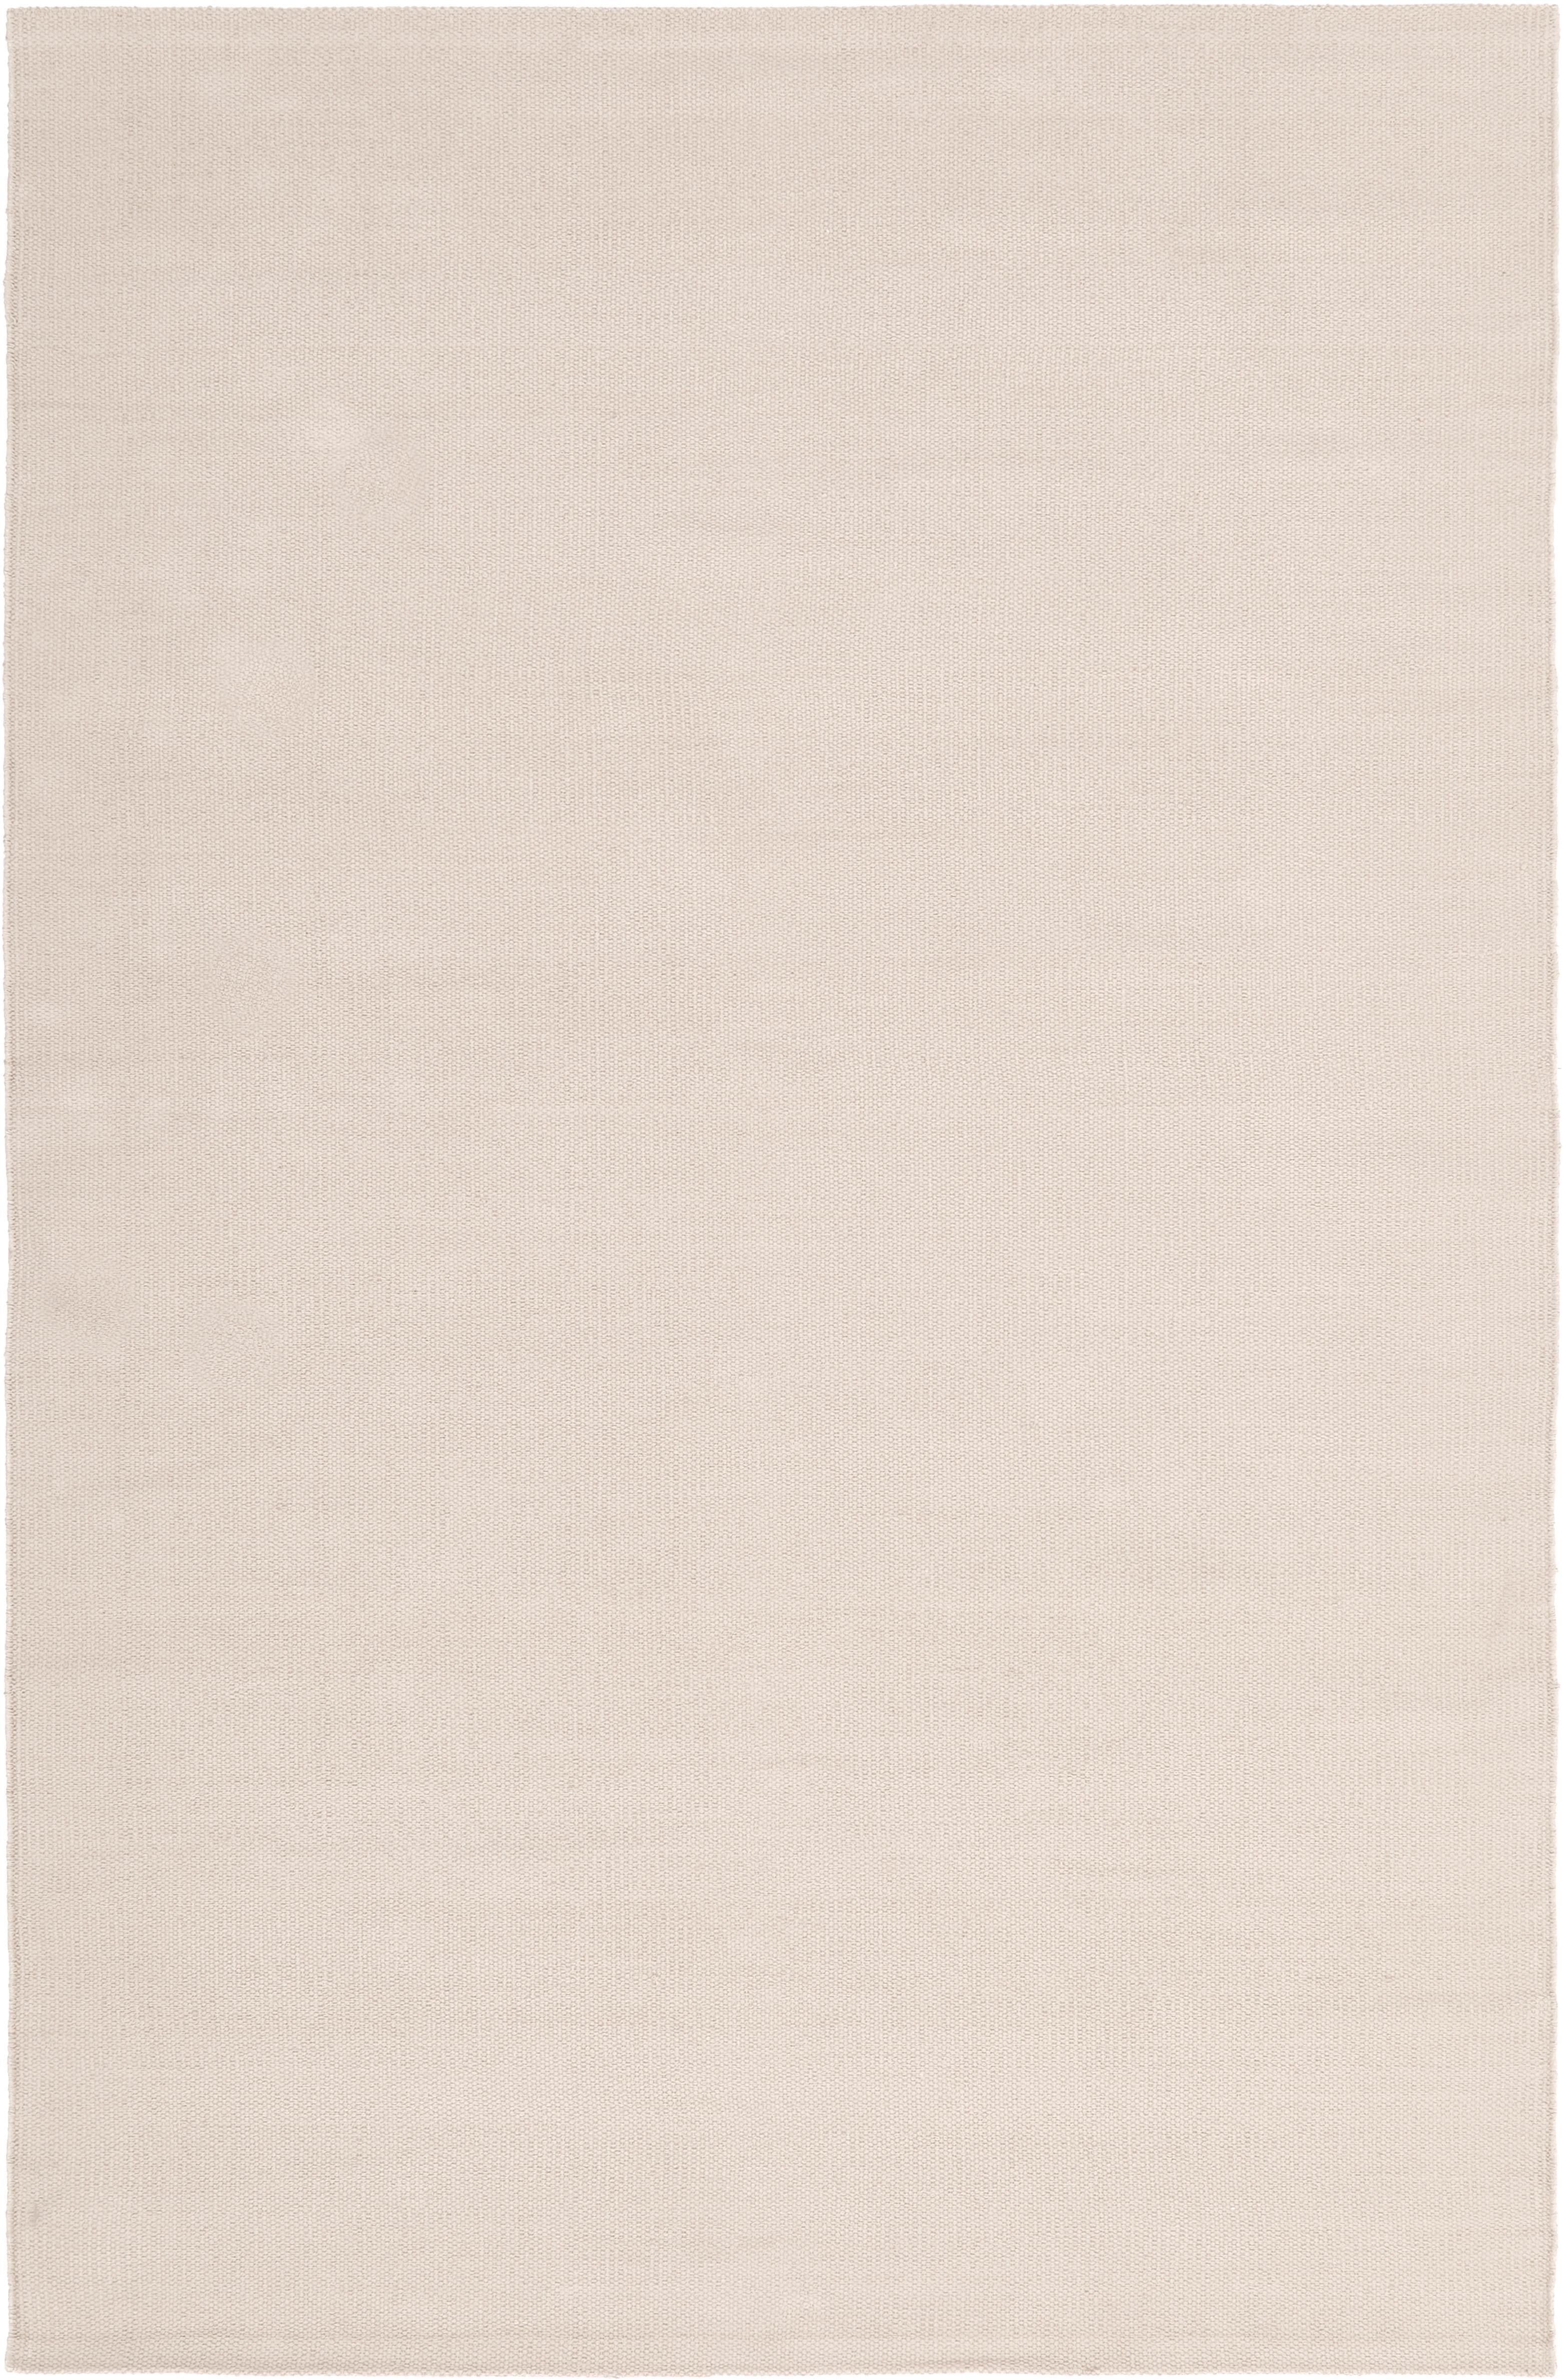 Ręcznie tkany dywan z bawełny Agneta, Bawełna, Beżowy, S 120 x D 180 cm (Rozmiar S)